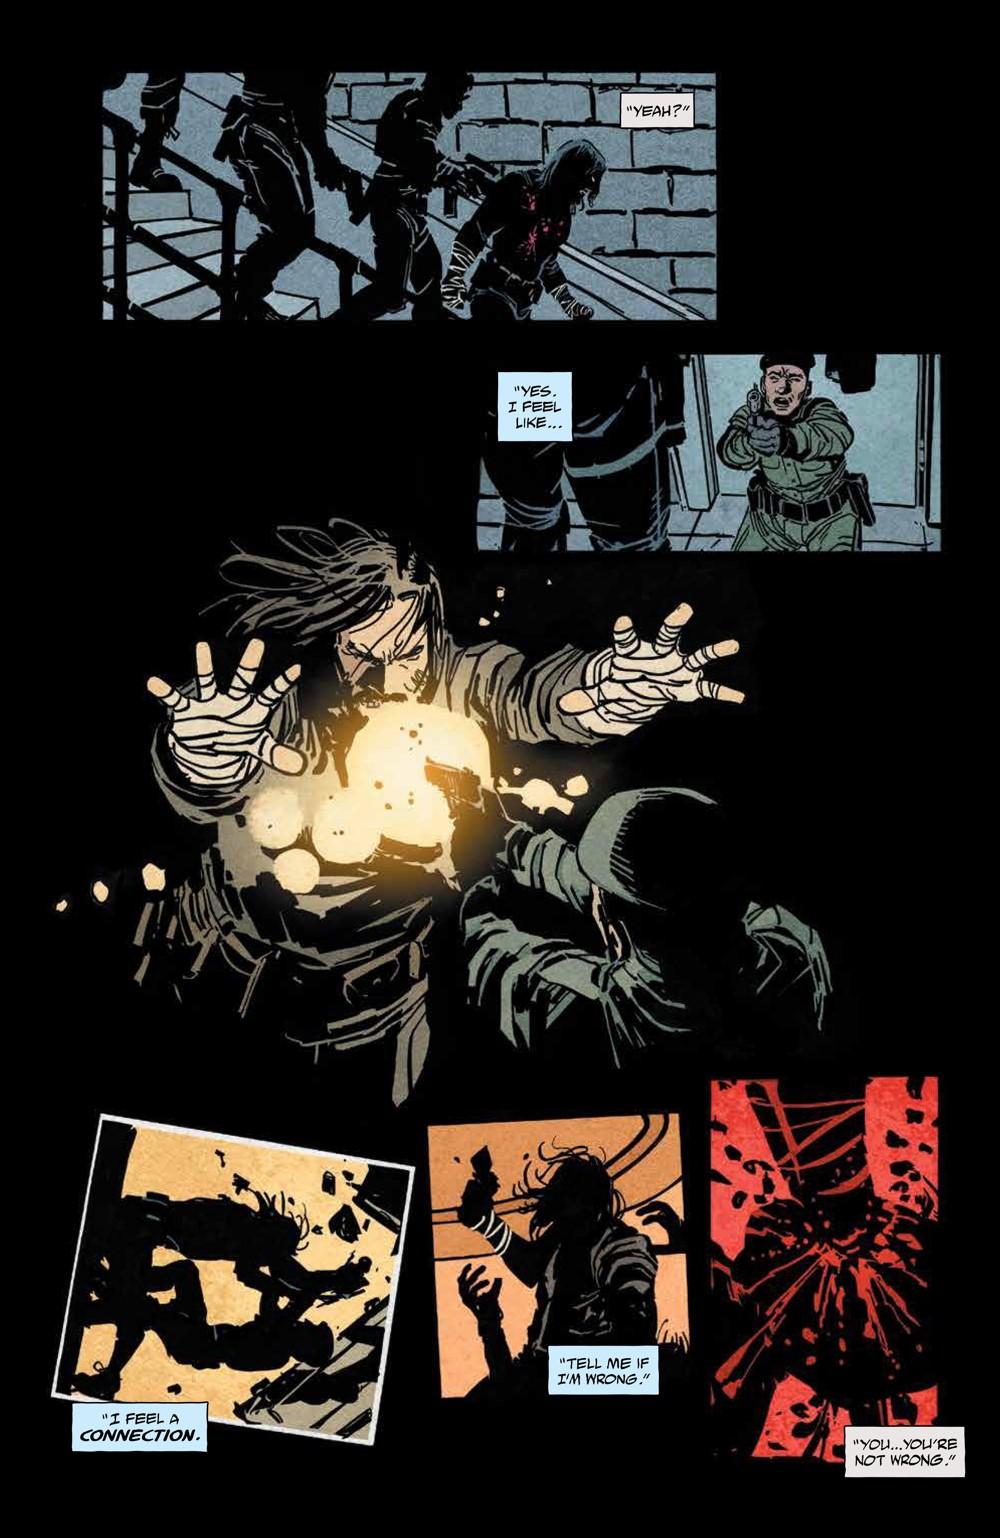 BRZRKR_v1_SC_PRESS_17 ComicList Previews: BRZRKR VOLUME 1 TP